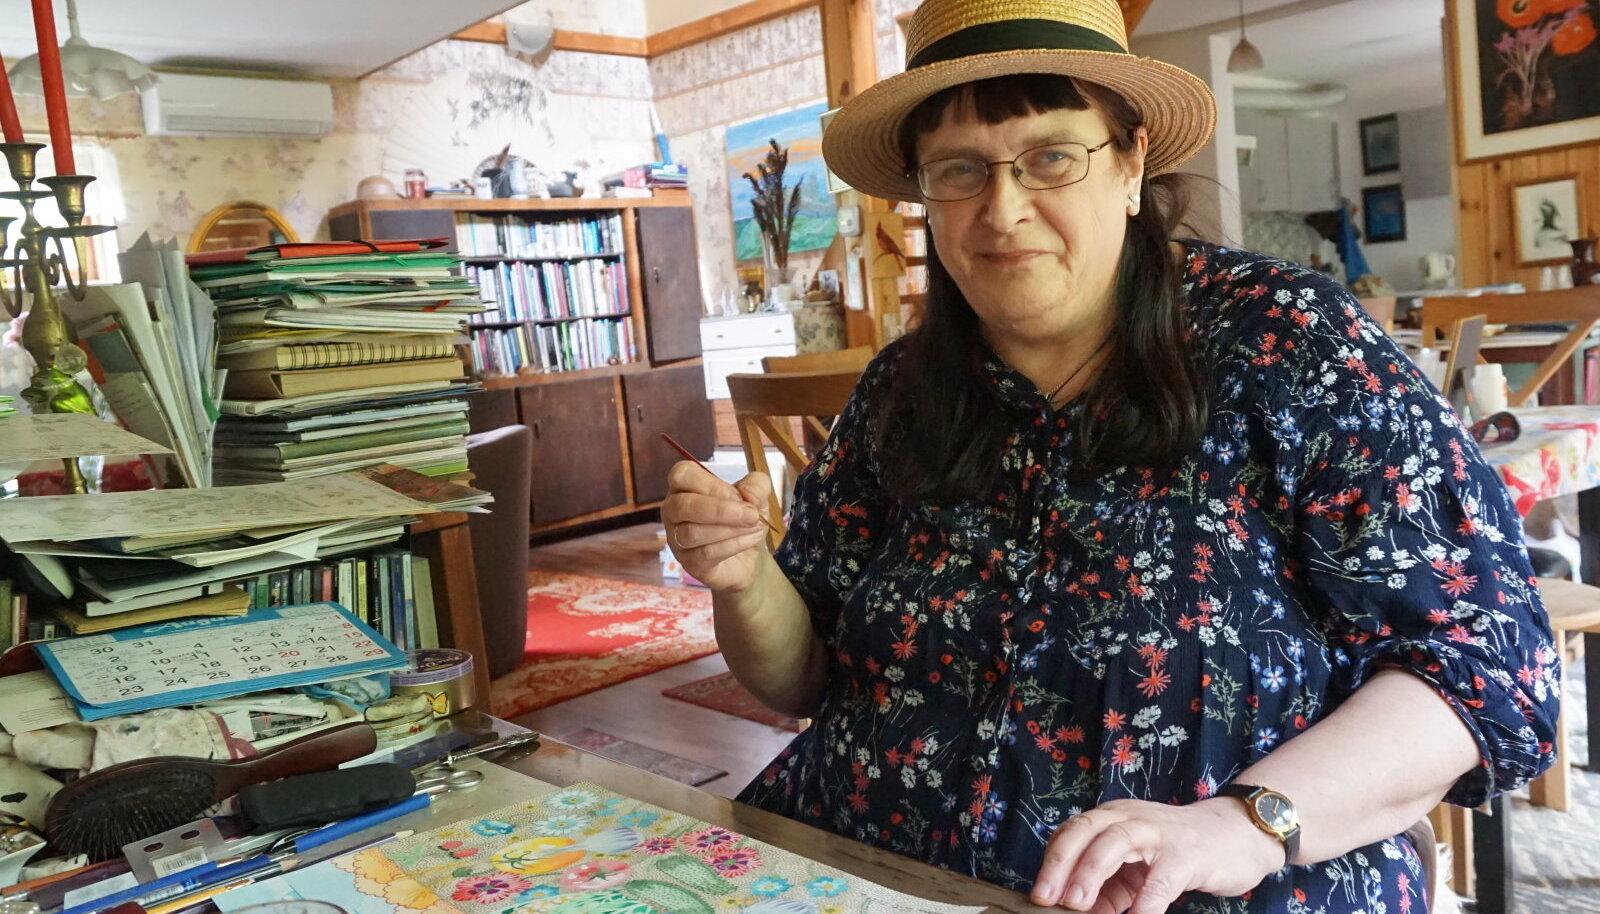 Maara Vindi filigraanset käekirja näeb maalidel, raamatuis, postkaartidel. Enim meeldib talle tušš, aga ka akvarell ja pastell.